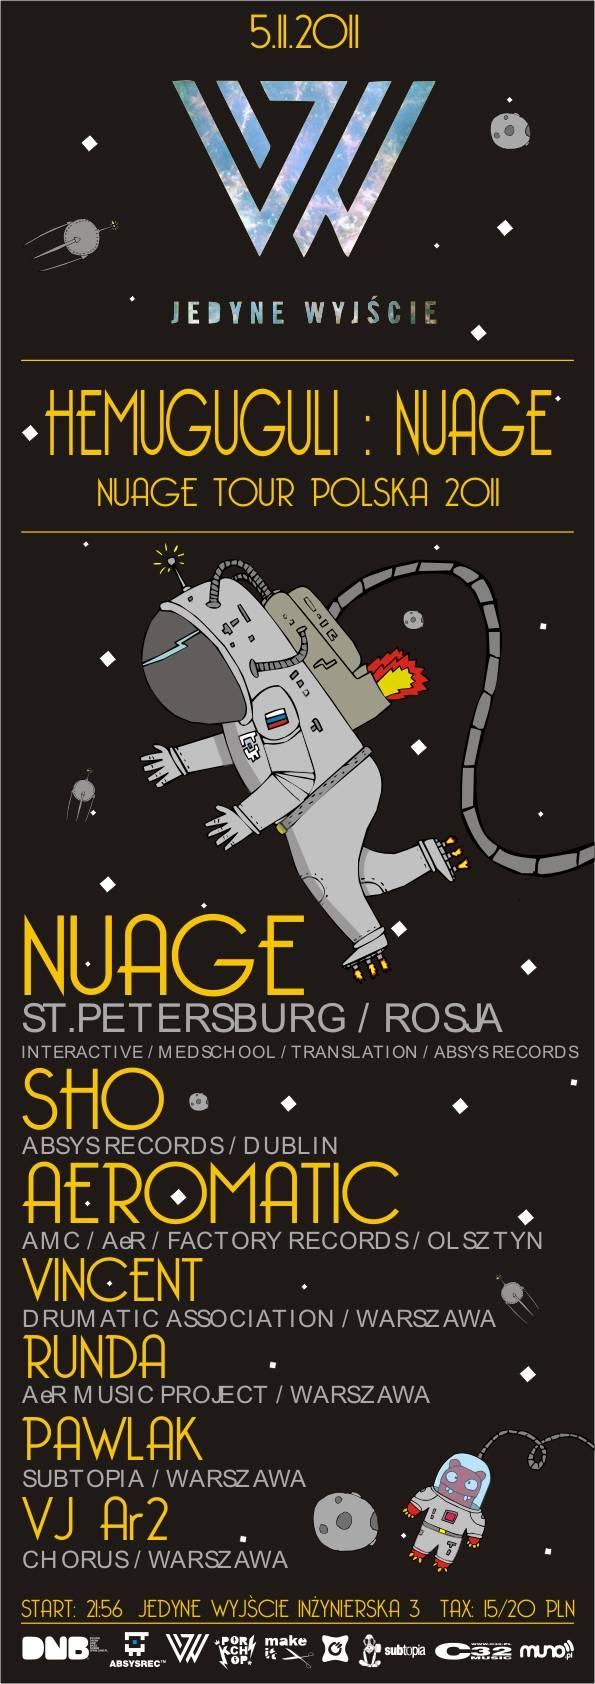 2011.11.05 - Hemuguguli : Nuage - Jedyne Wyjscie @ Warszawa